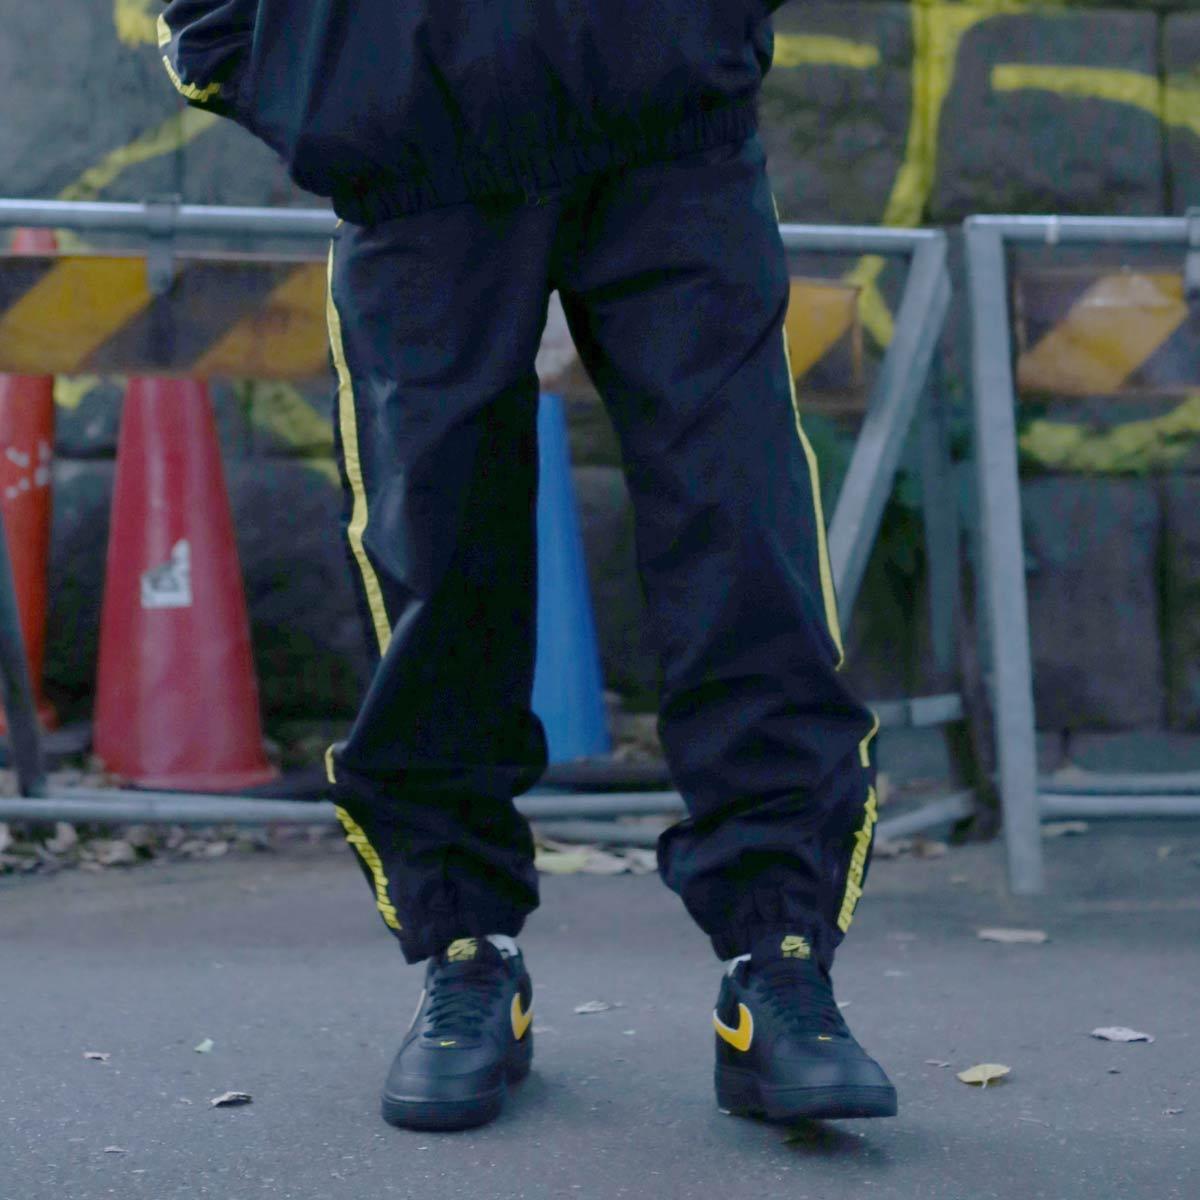 ATMOS LAB NYLON TRACK LINE PANTS (アトモスラボ ナイロン トラック ライン パンツ) BLACK/YELLOW【メンズ ナイロンパンツ】17HO-I